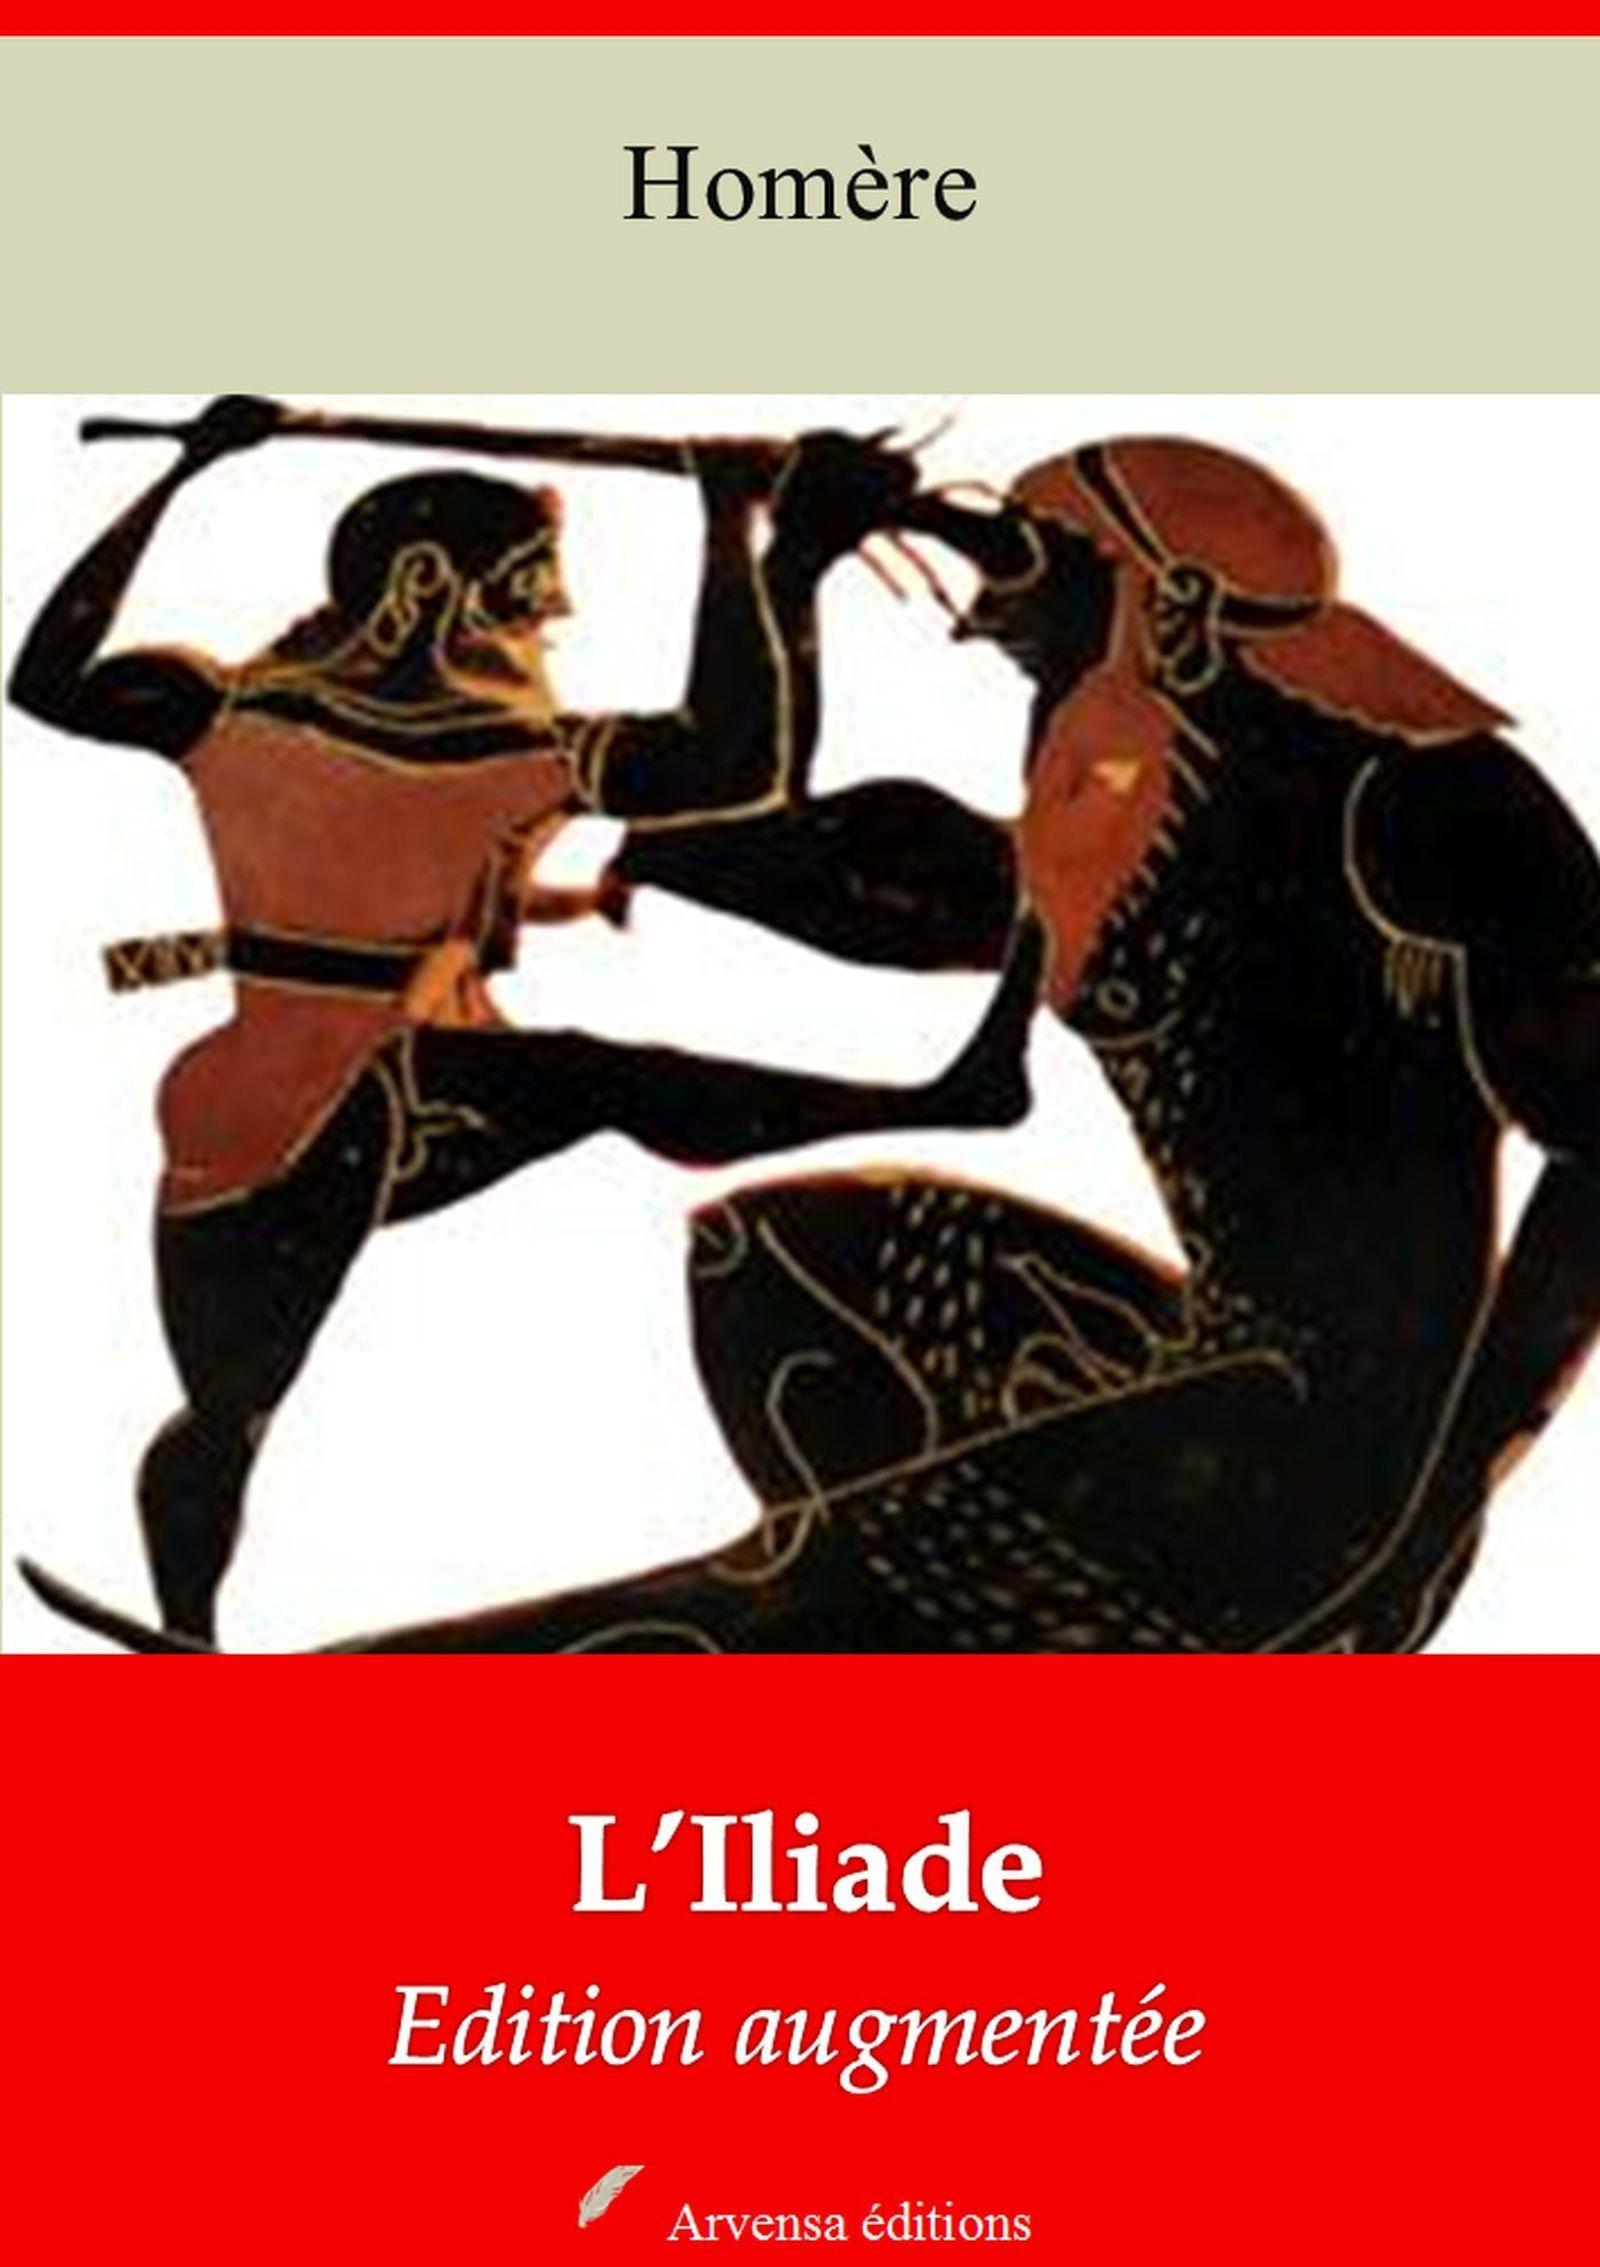 L'Iliade - suivi d'annexes